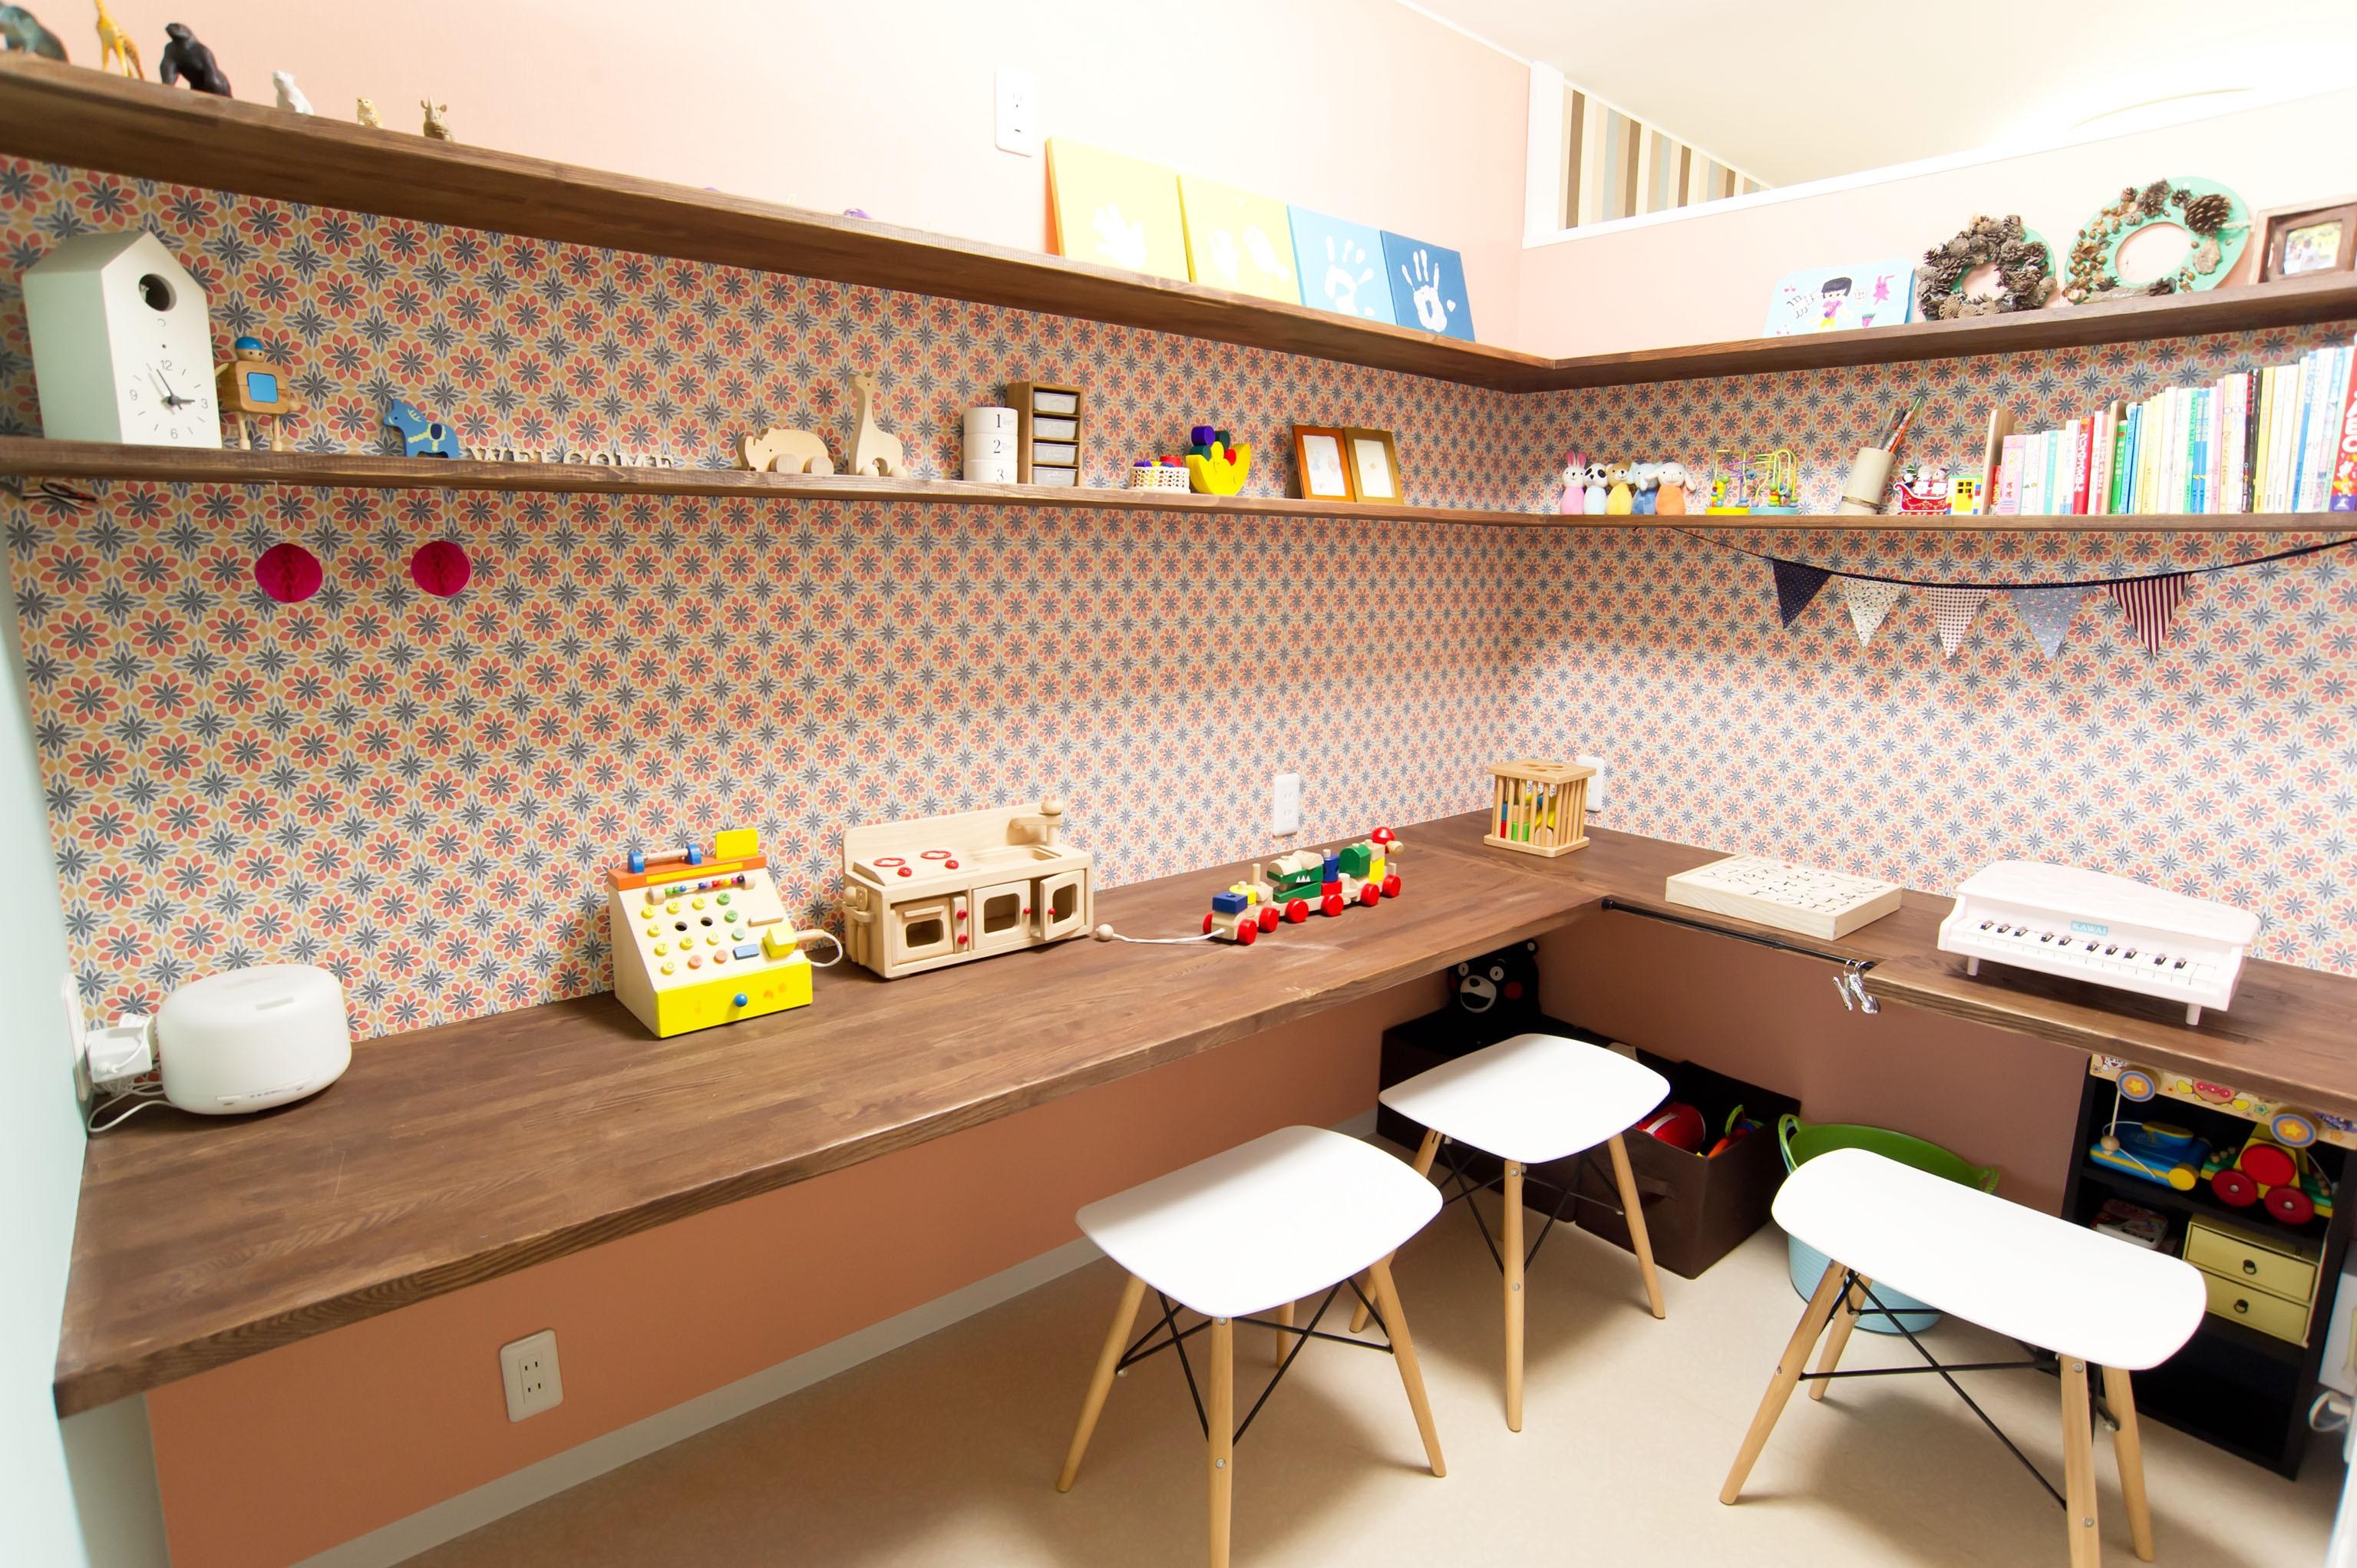 子供部屋事例:子ども部屋(自分たちらしい住まいを求め、少しずつの変化を楽しむ住まい)